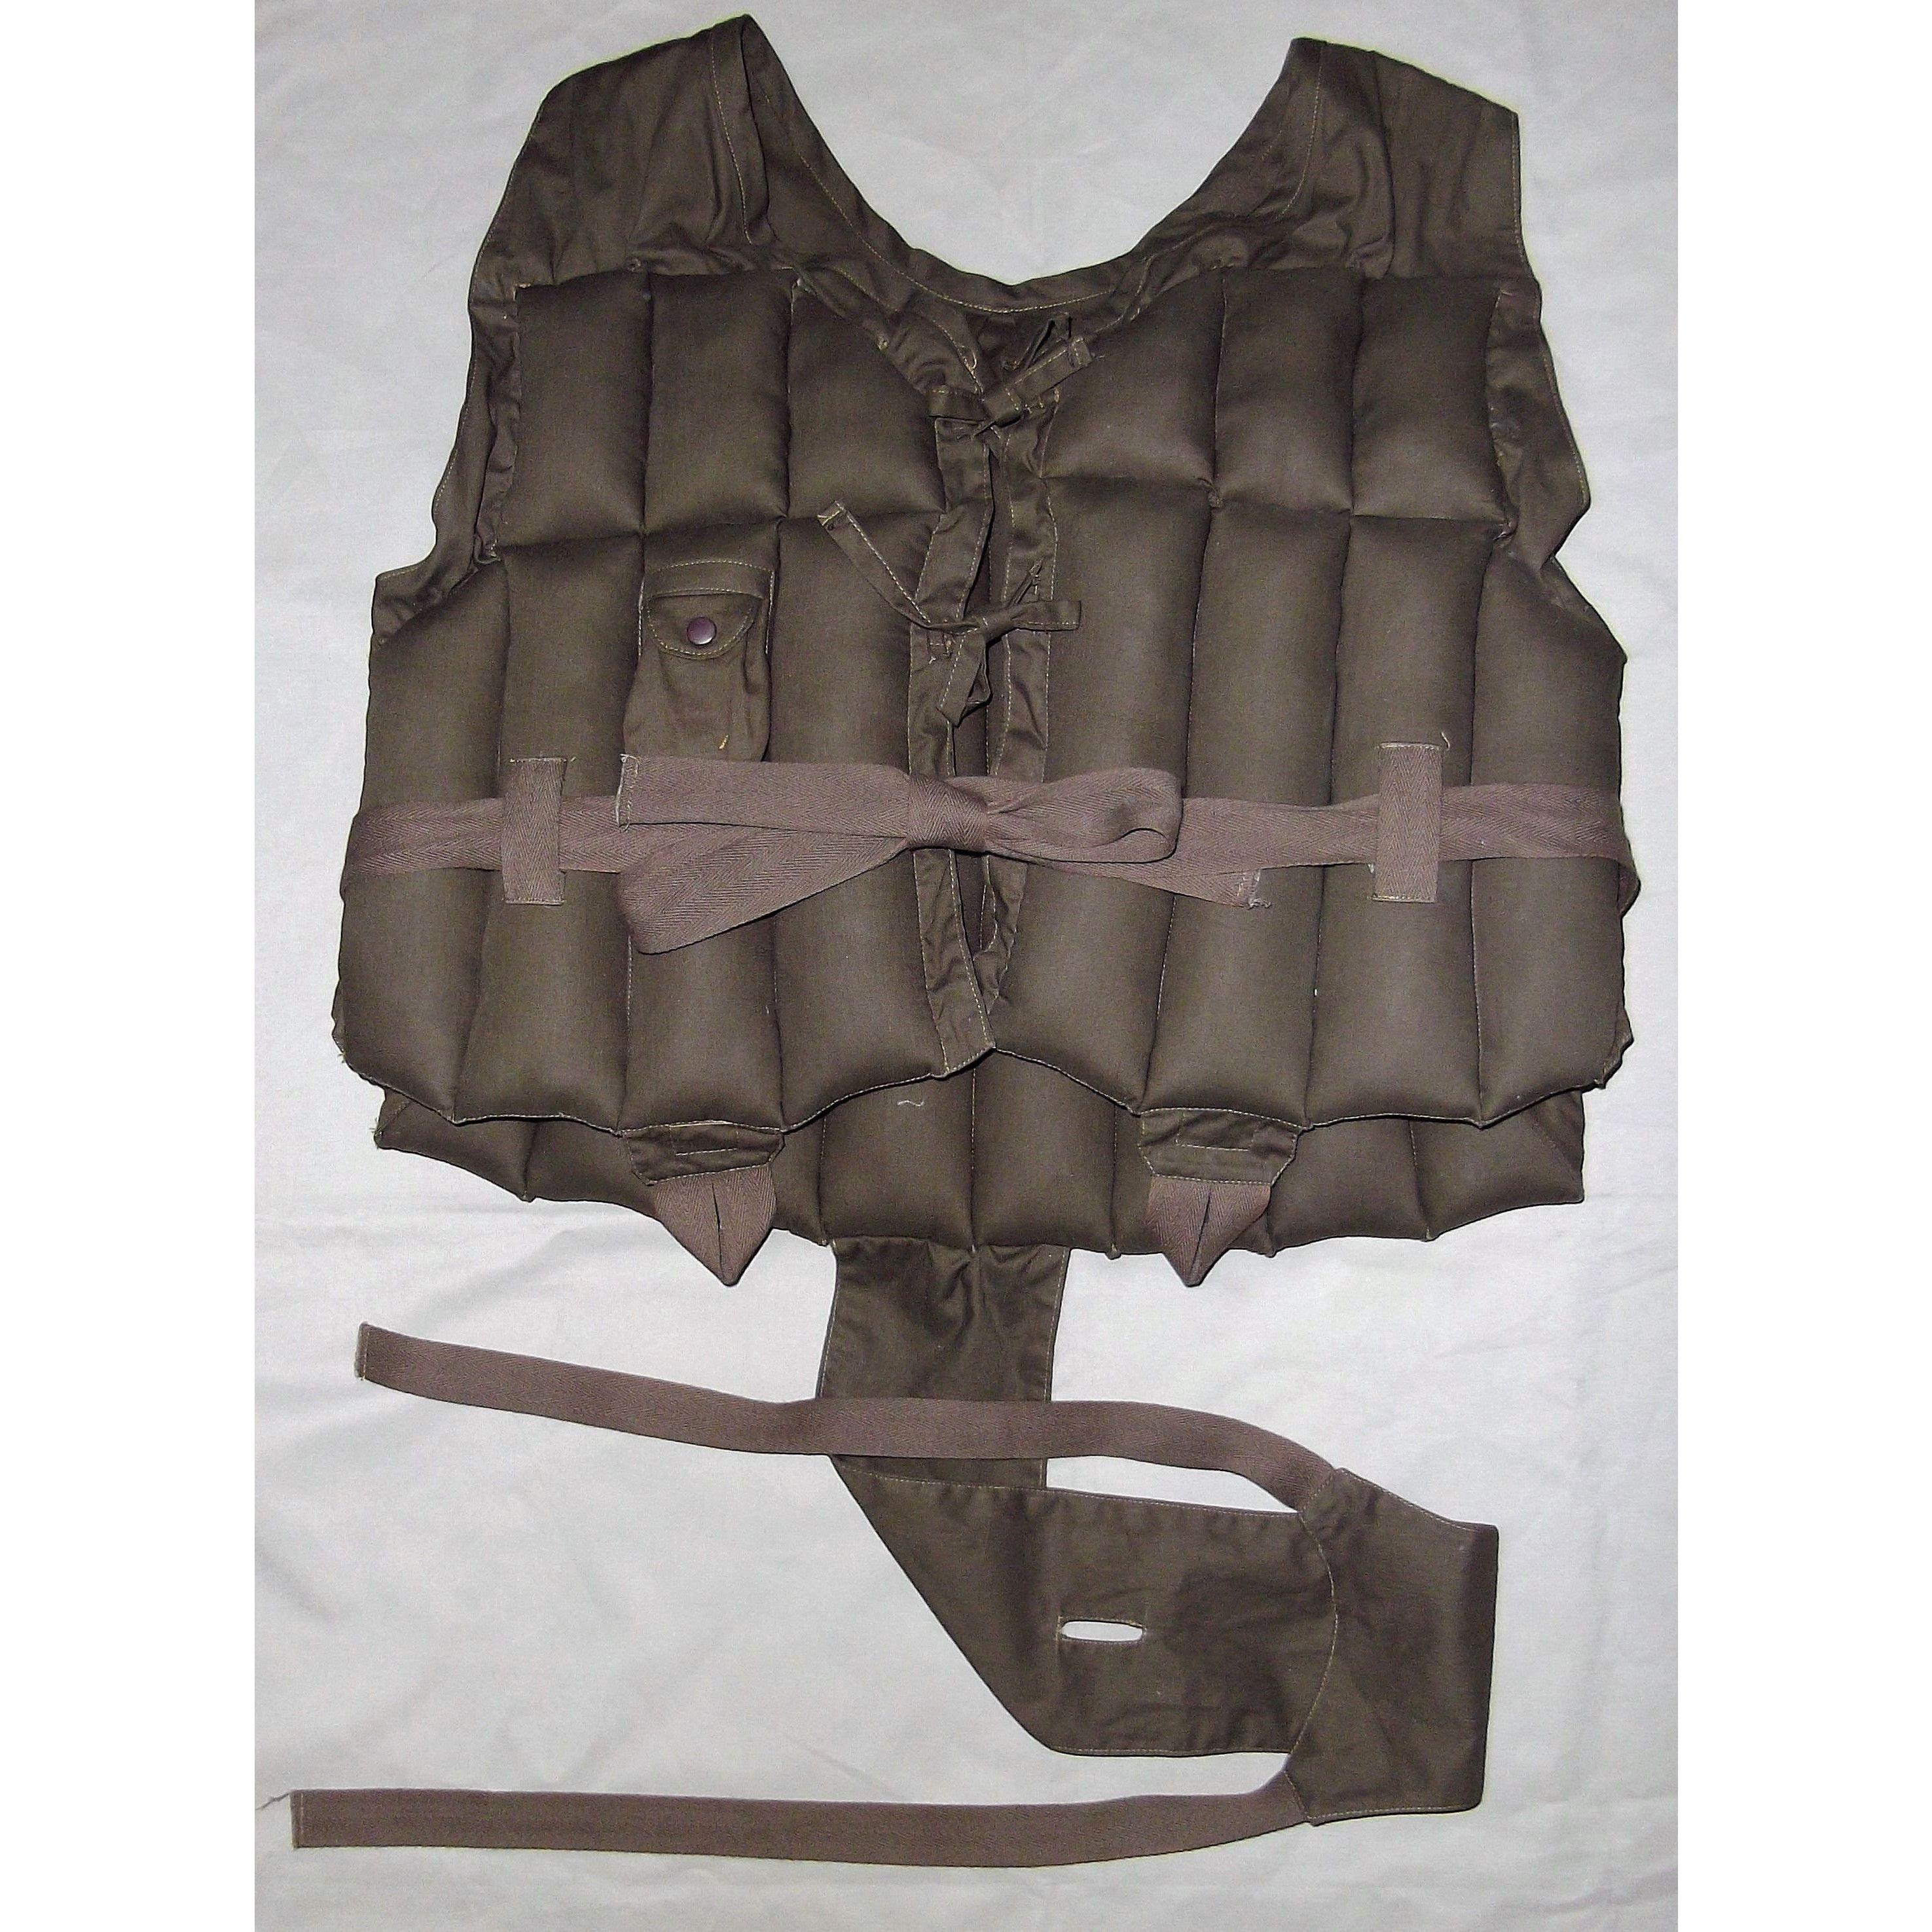 日本海軍 救命胴衣 前期型(複製品)